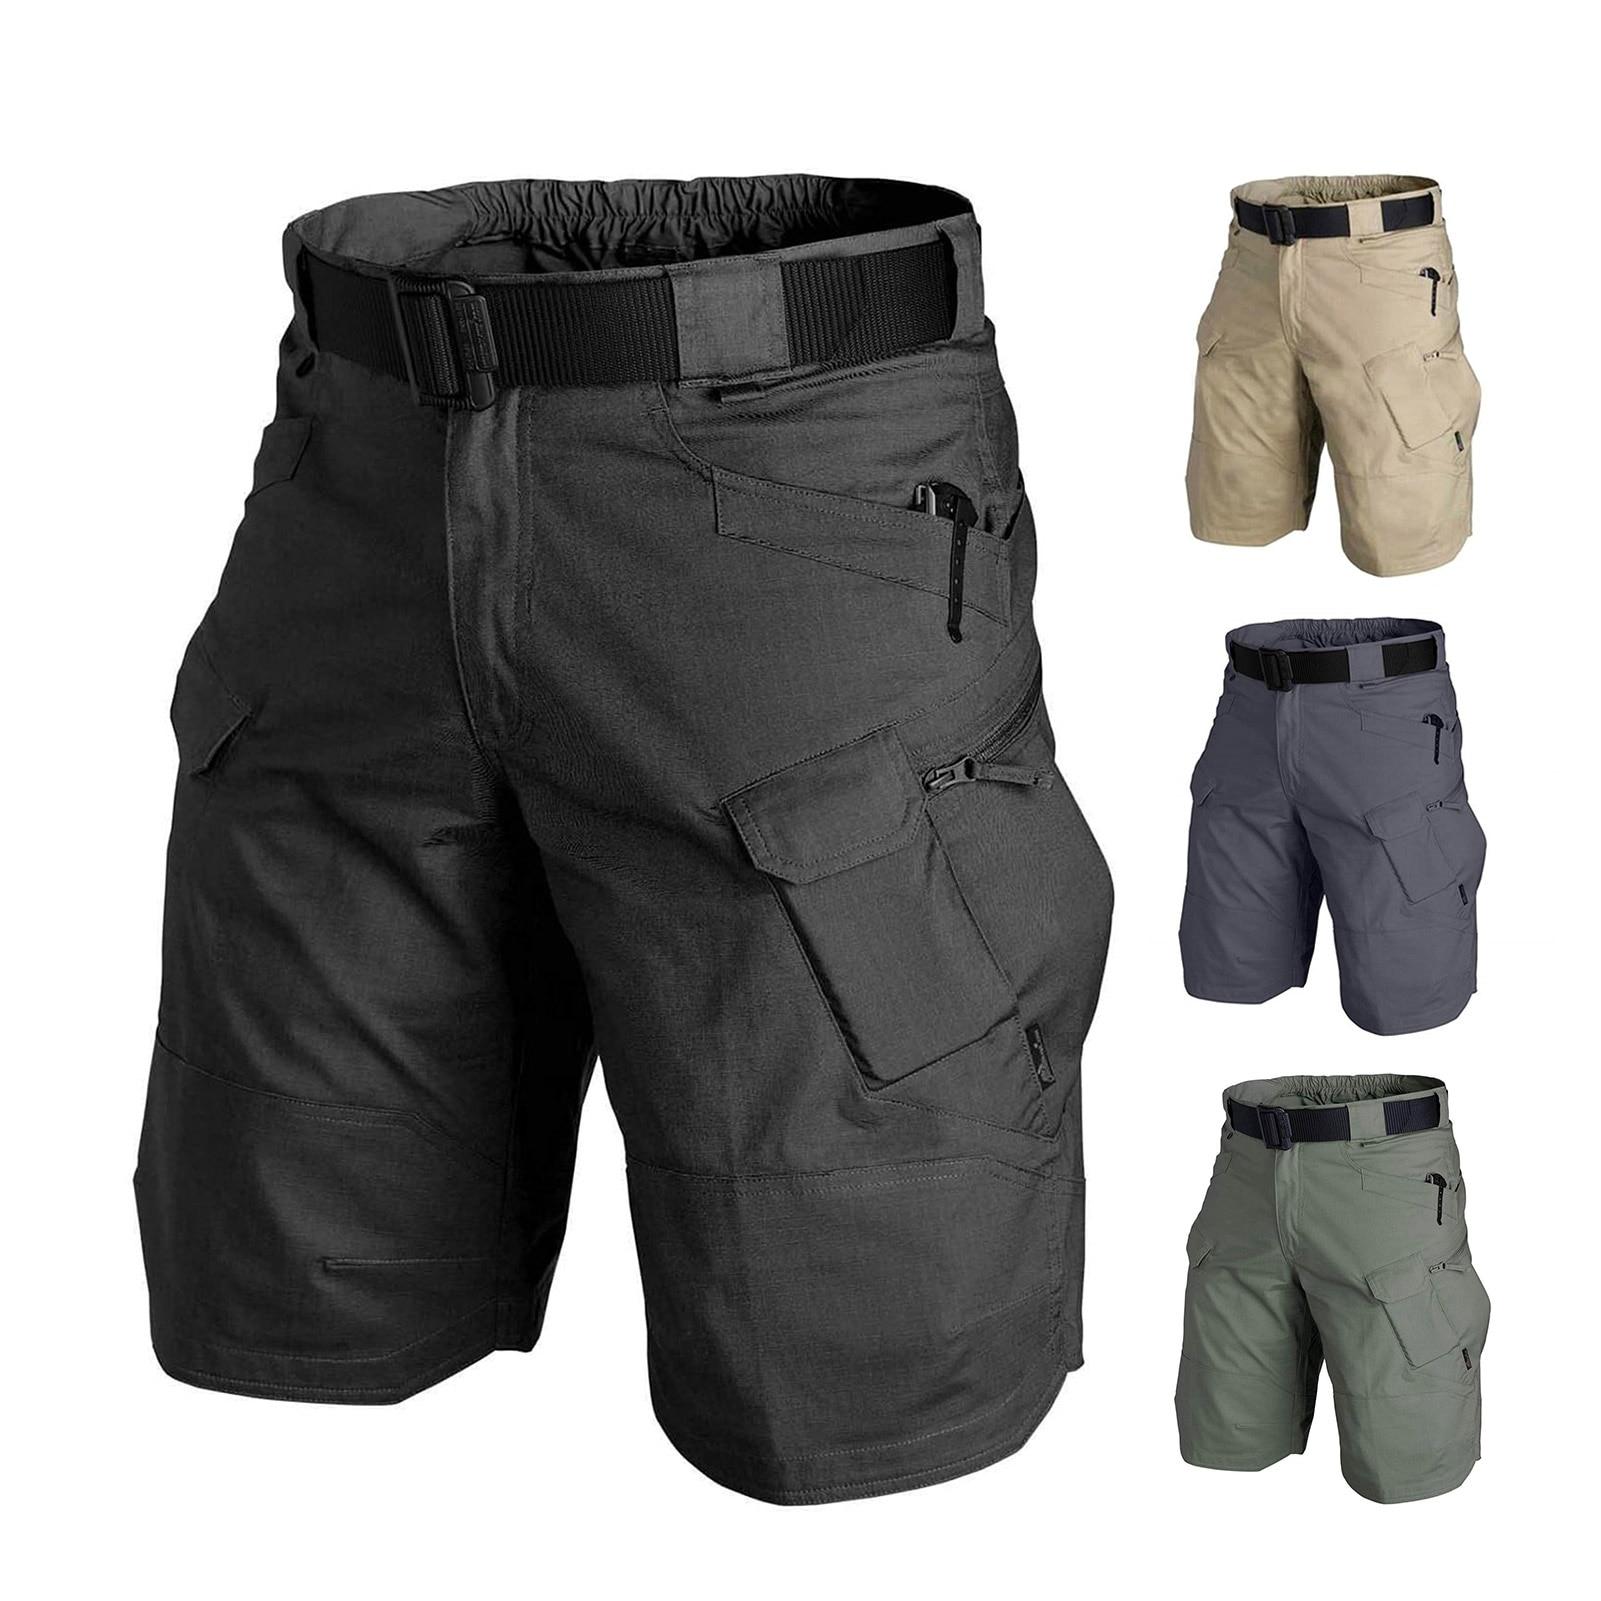 Шорты мужские тактические для активного отдыха/походов, водонепроницаемые быстросохнущие камуфляжные Короткие штаны для работы, охоты, ры...